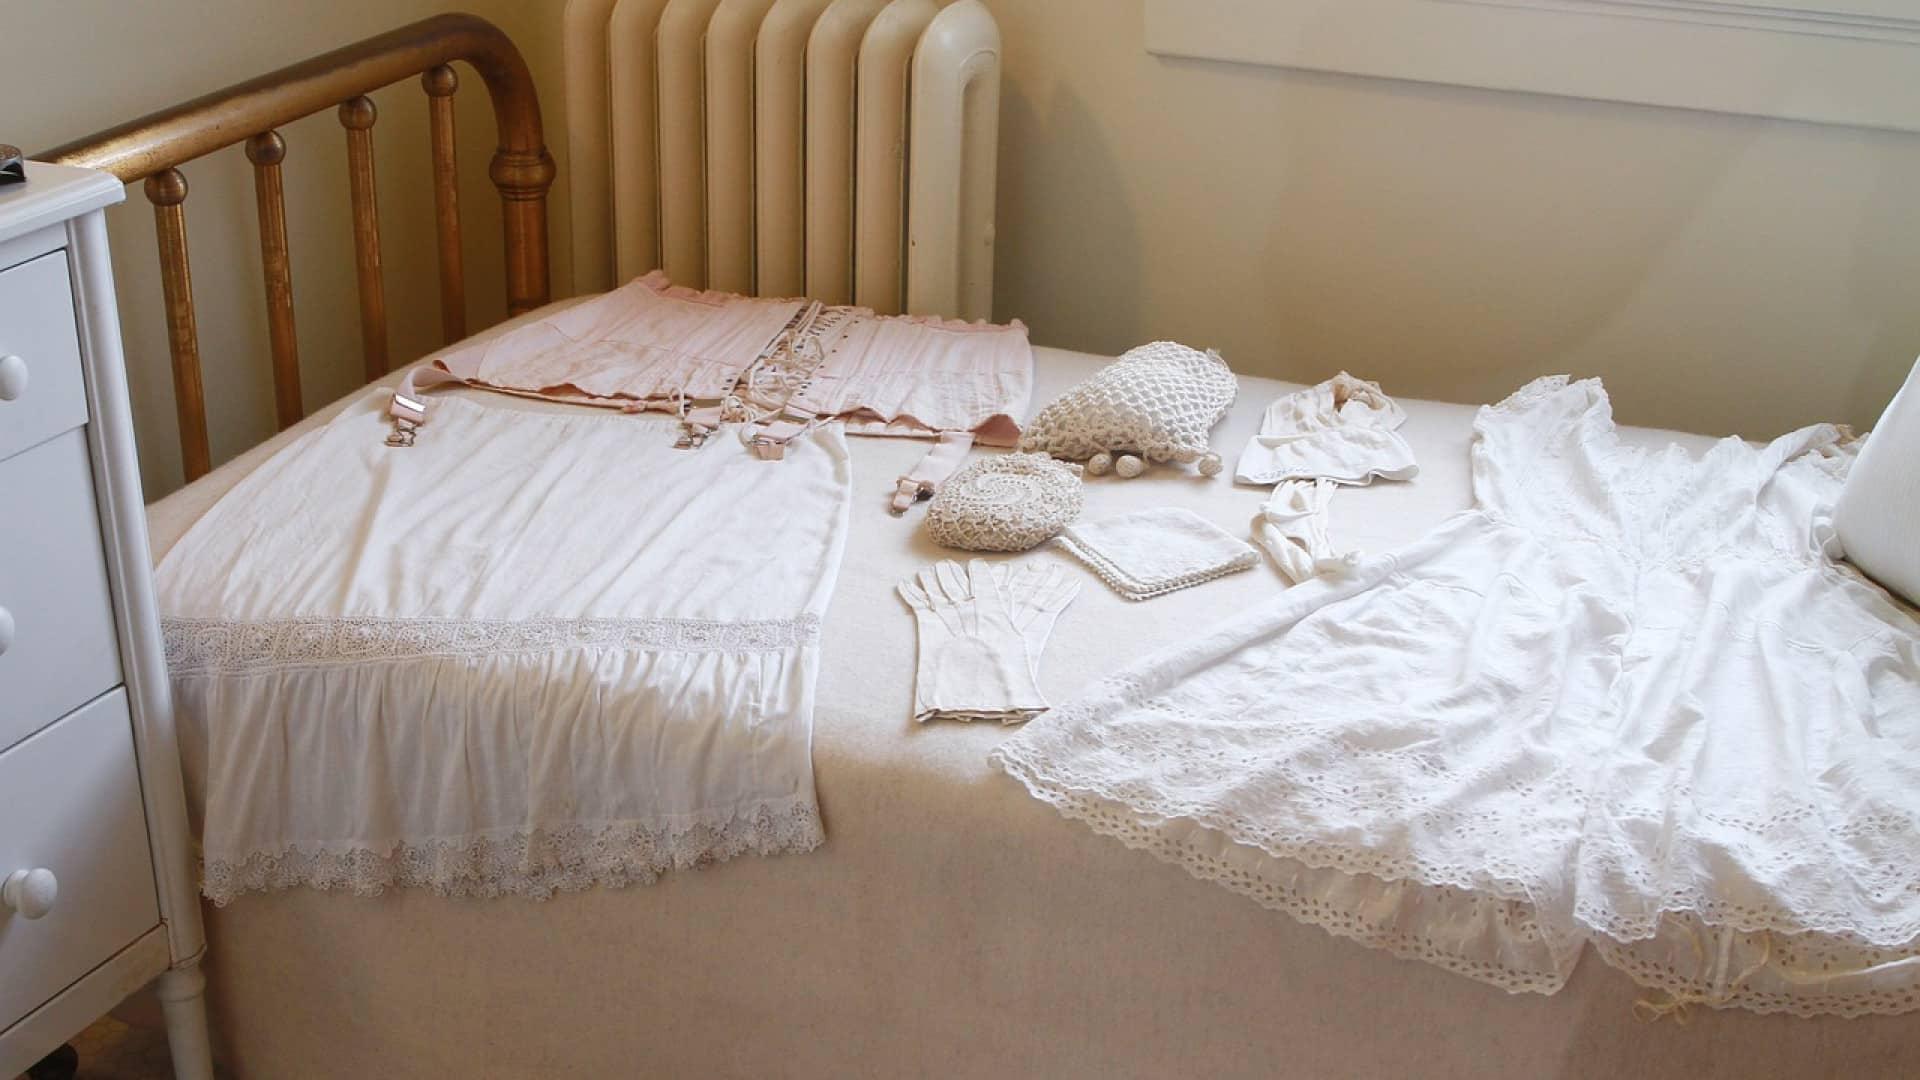 choisissez une solution conomique pour votre chauffage athlon news. Black Bedroom Furniture Sets. Home Design Ideas